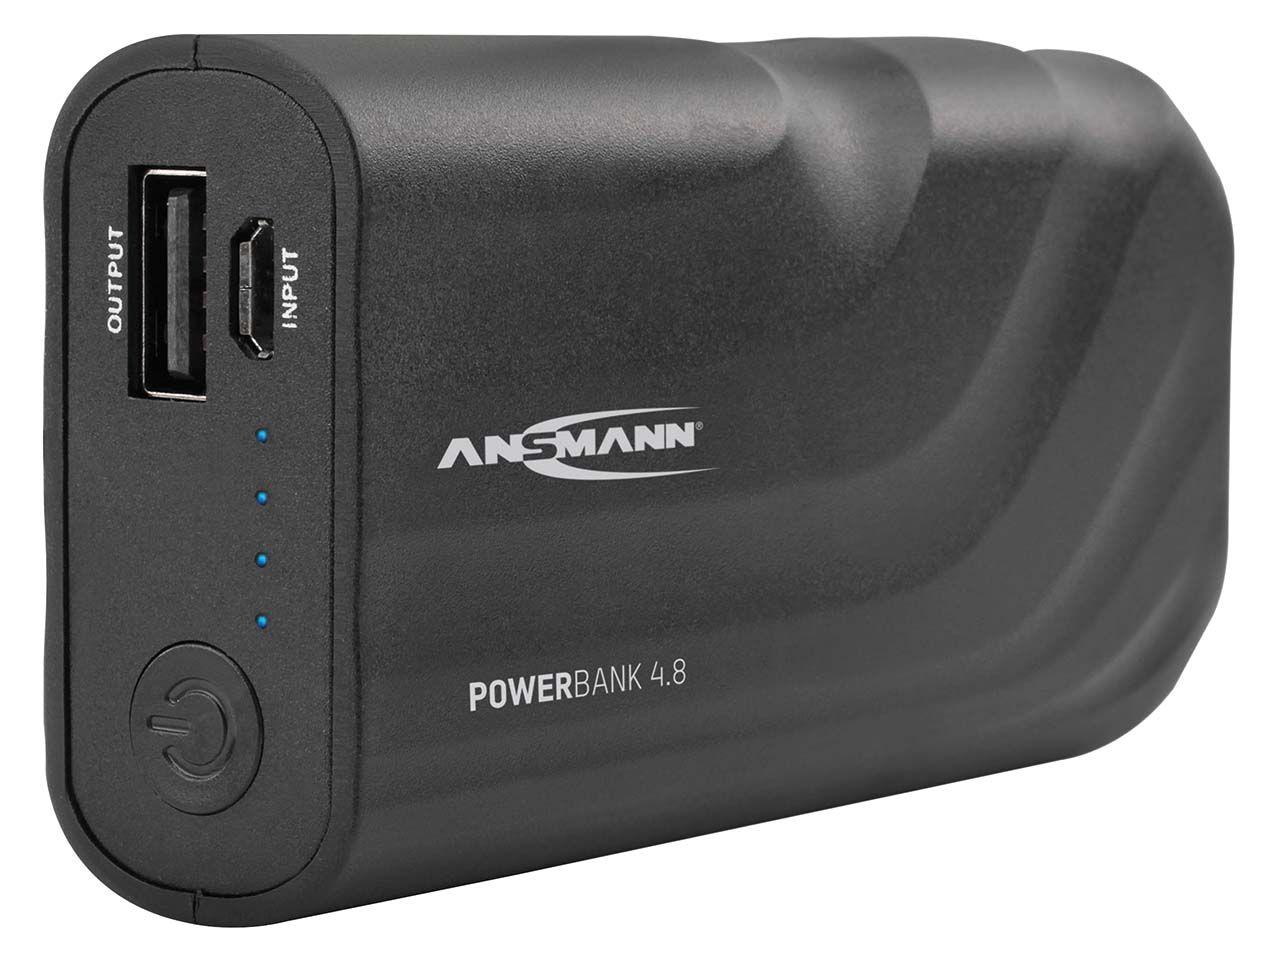 Ansmann Powerbank